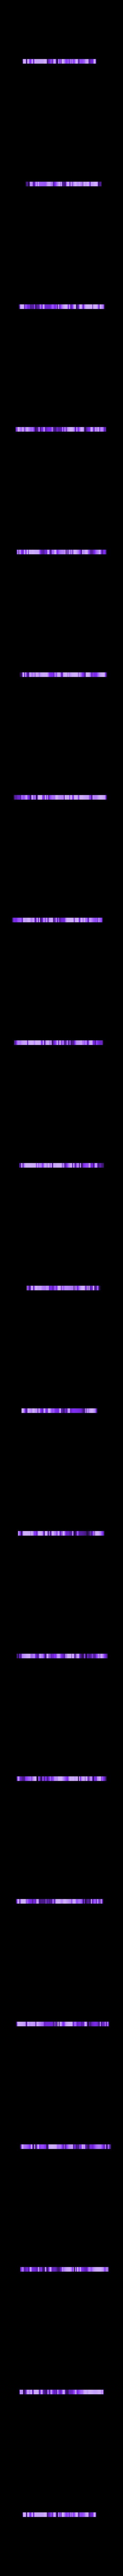 sorciere2.stl Télécharger fichier OBJ gratuit Magnet sorciere 2 • Plan imprimable en 3D, MisterDiD